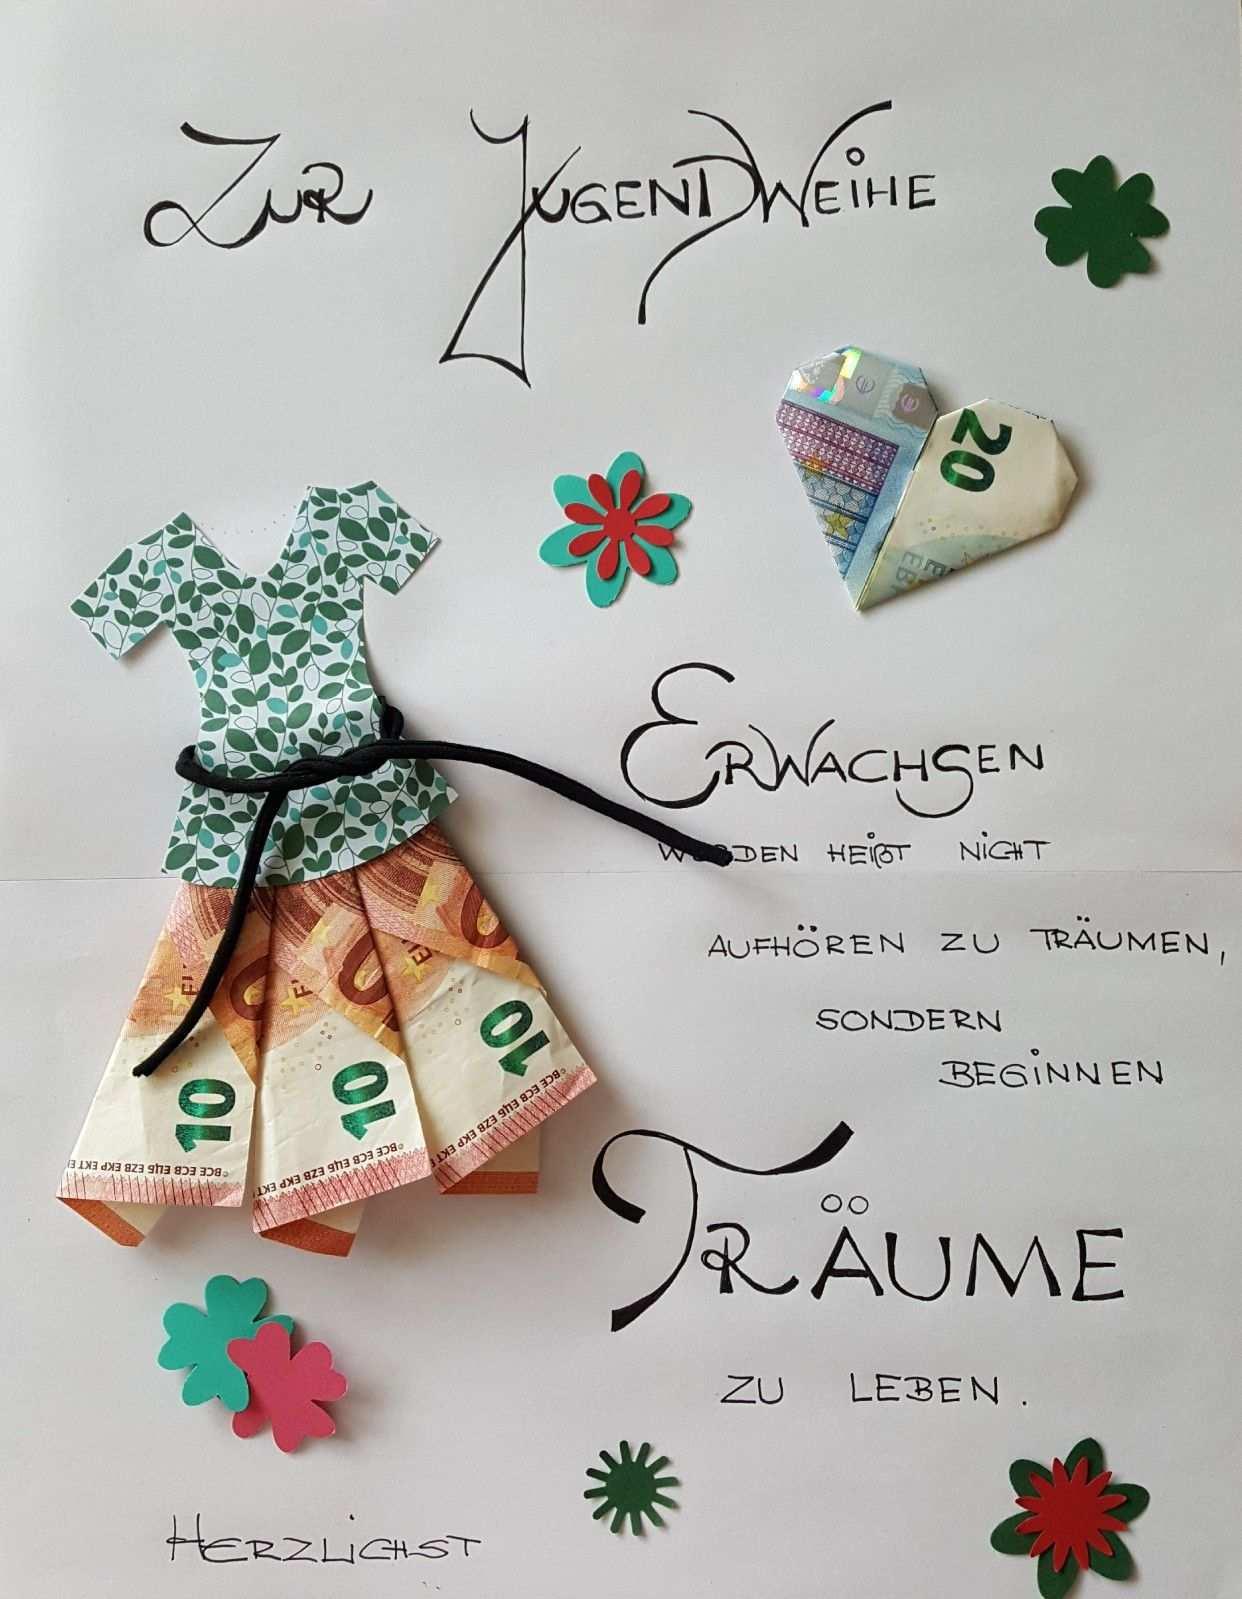 Gluckwunsch Jugendweihe Jugendweihe Geschenke Geldgeschenke Selber Basteln Geschenke Basteln